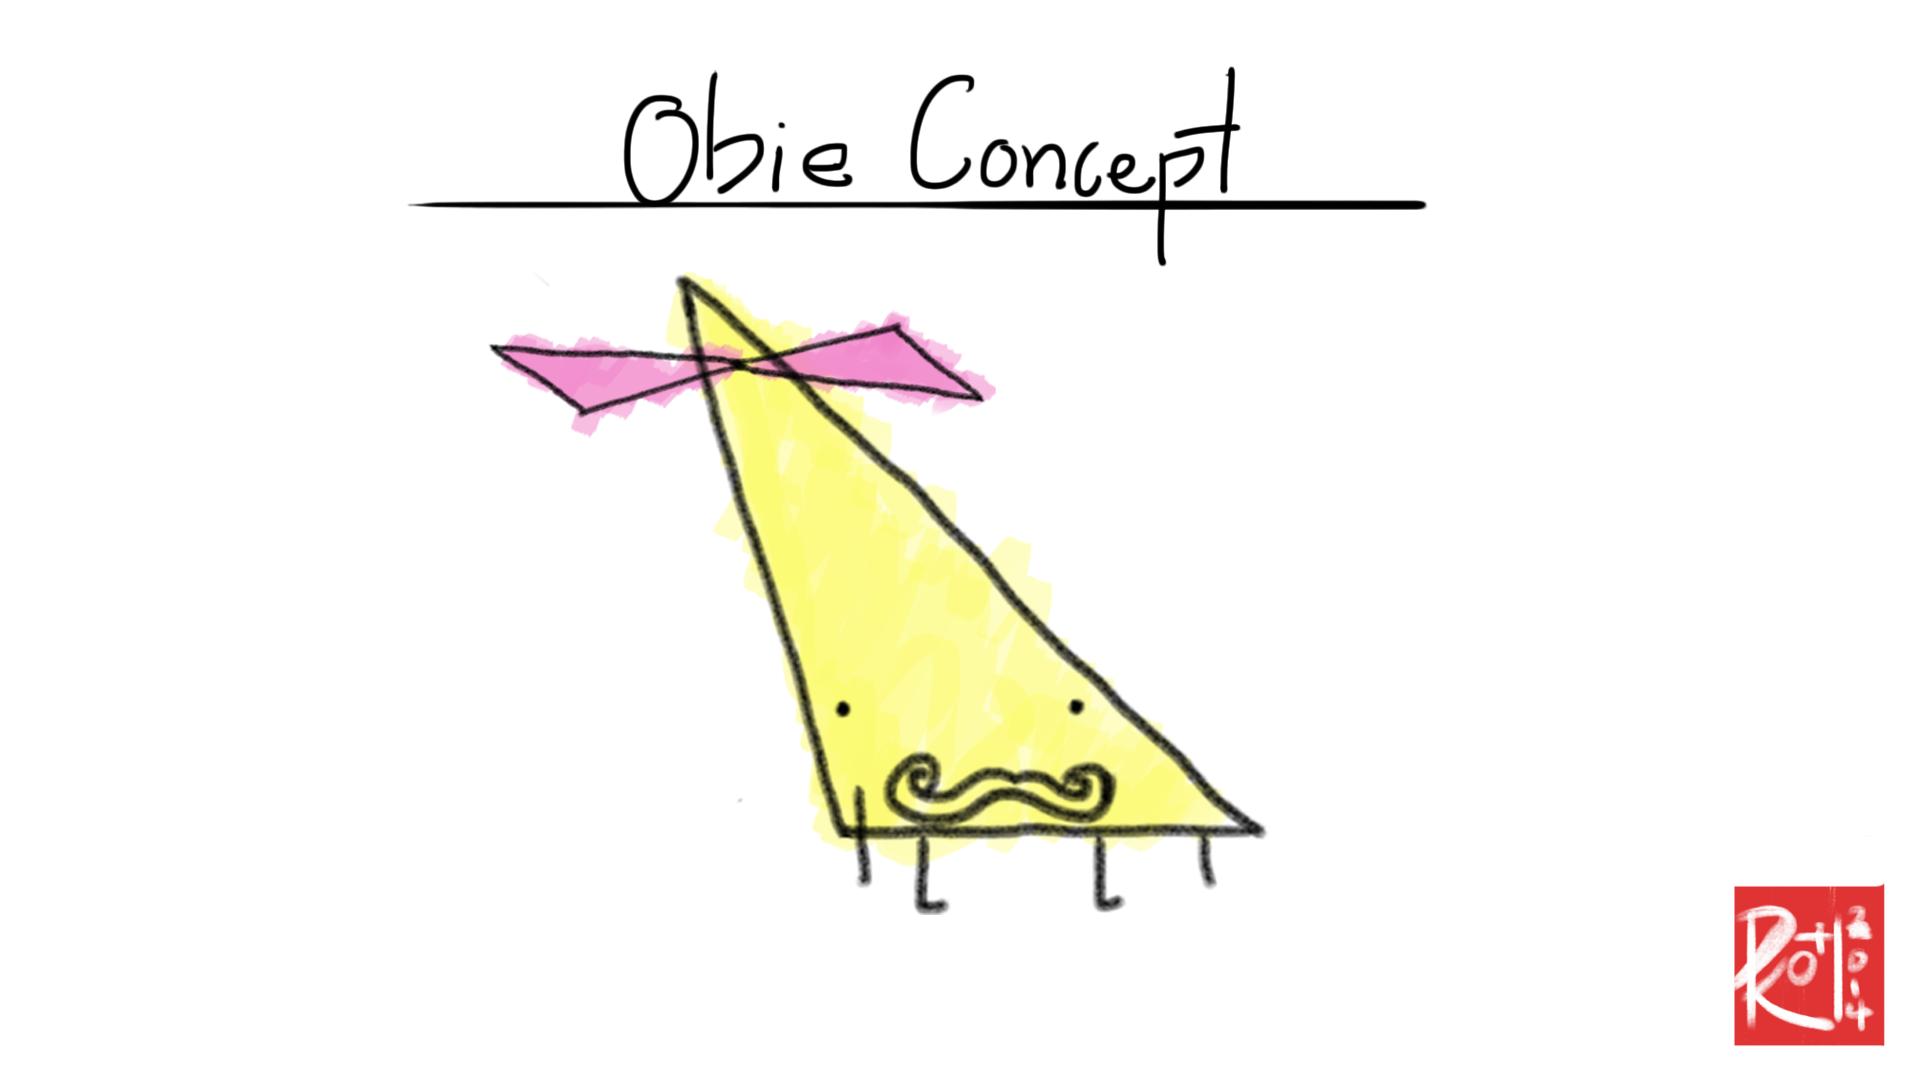 Obie (Obtuse Triangle)